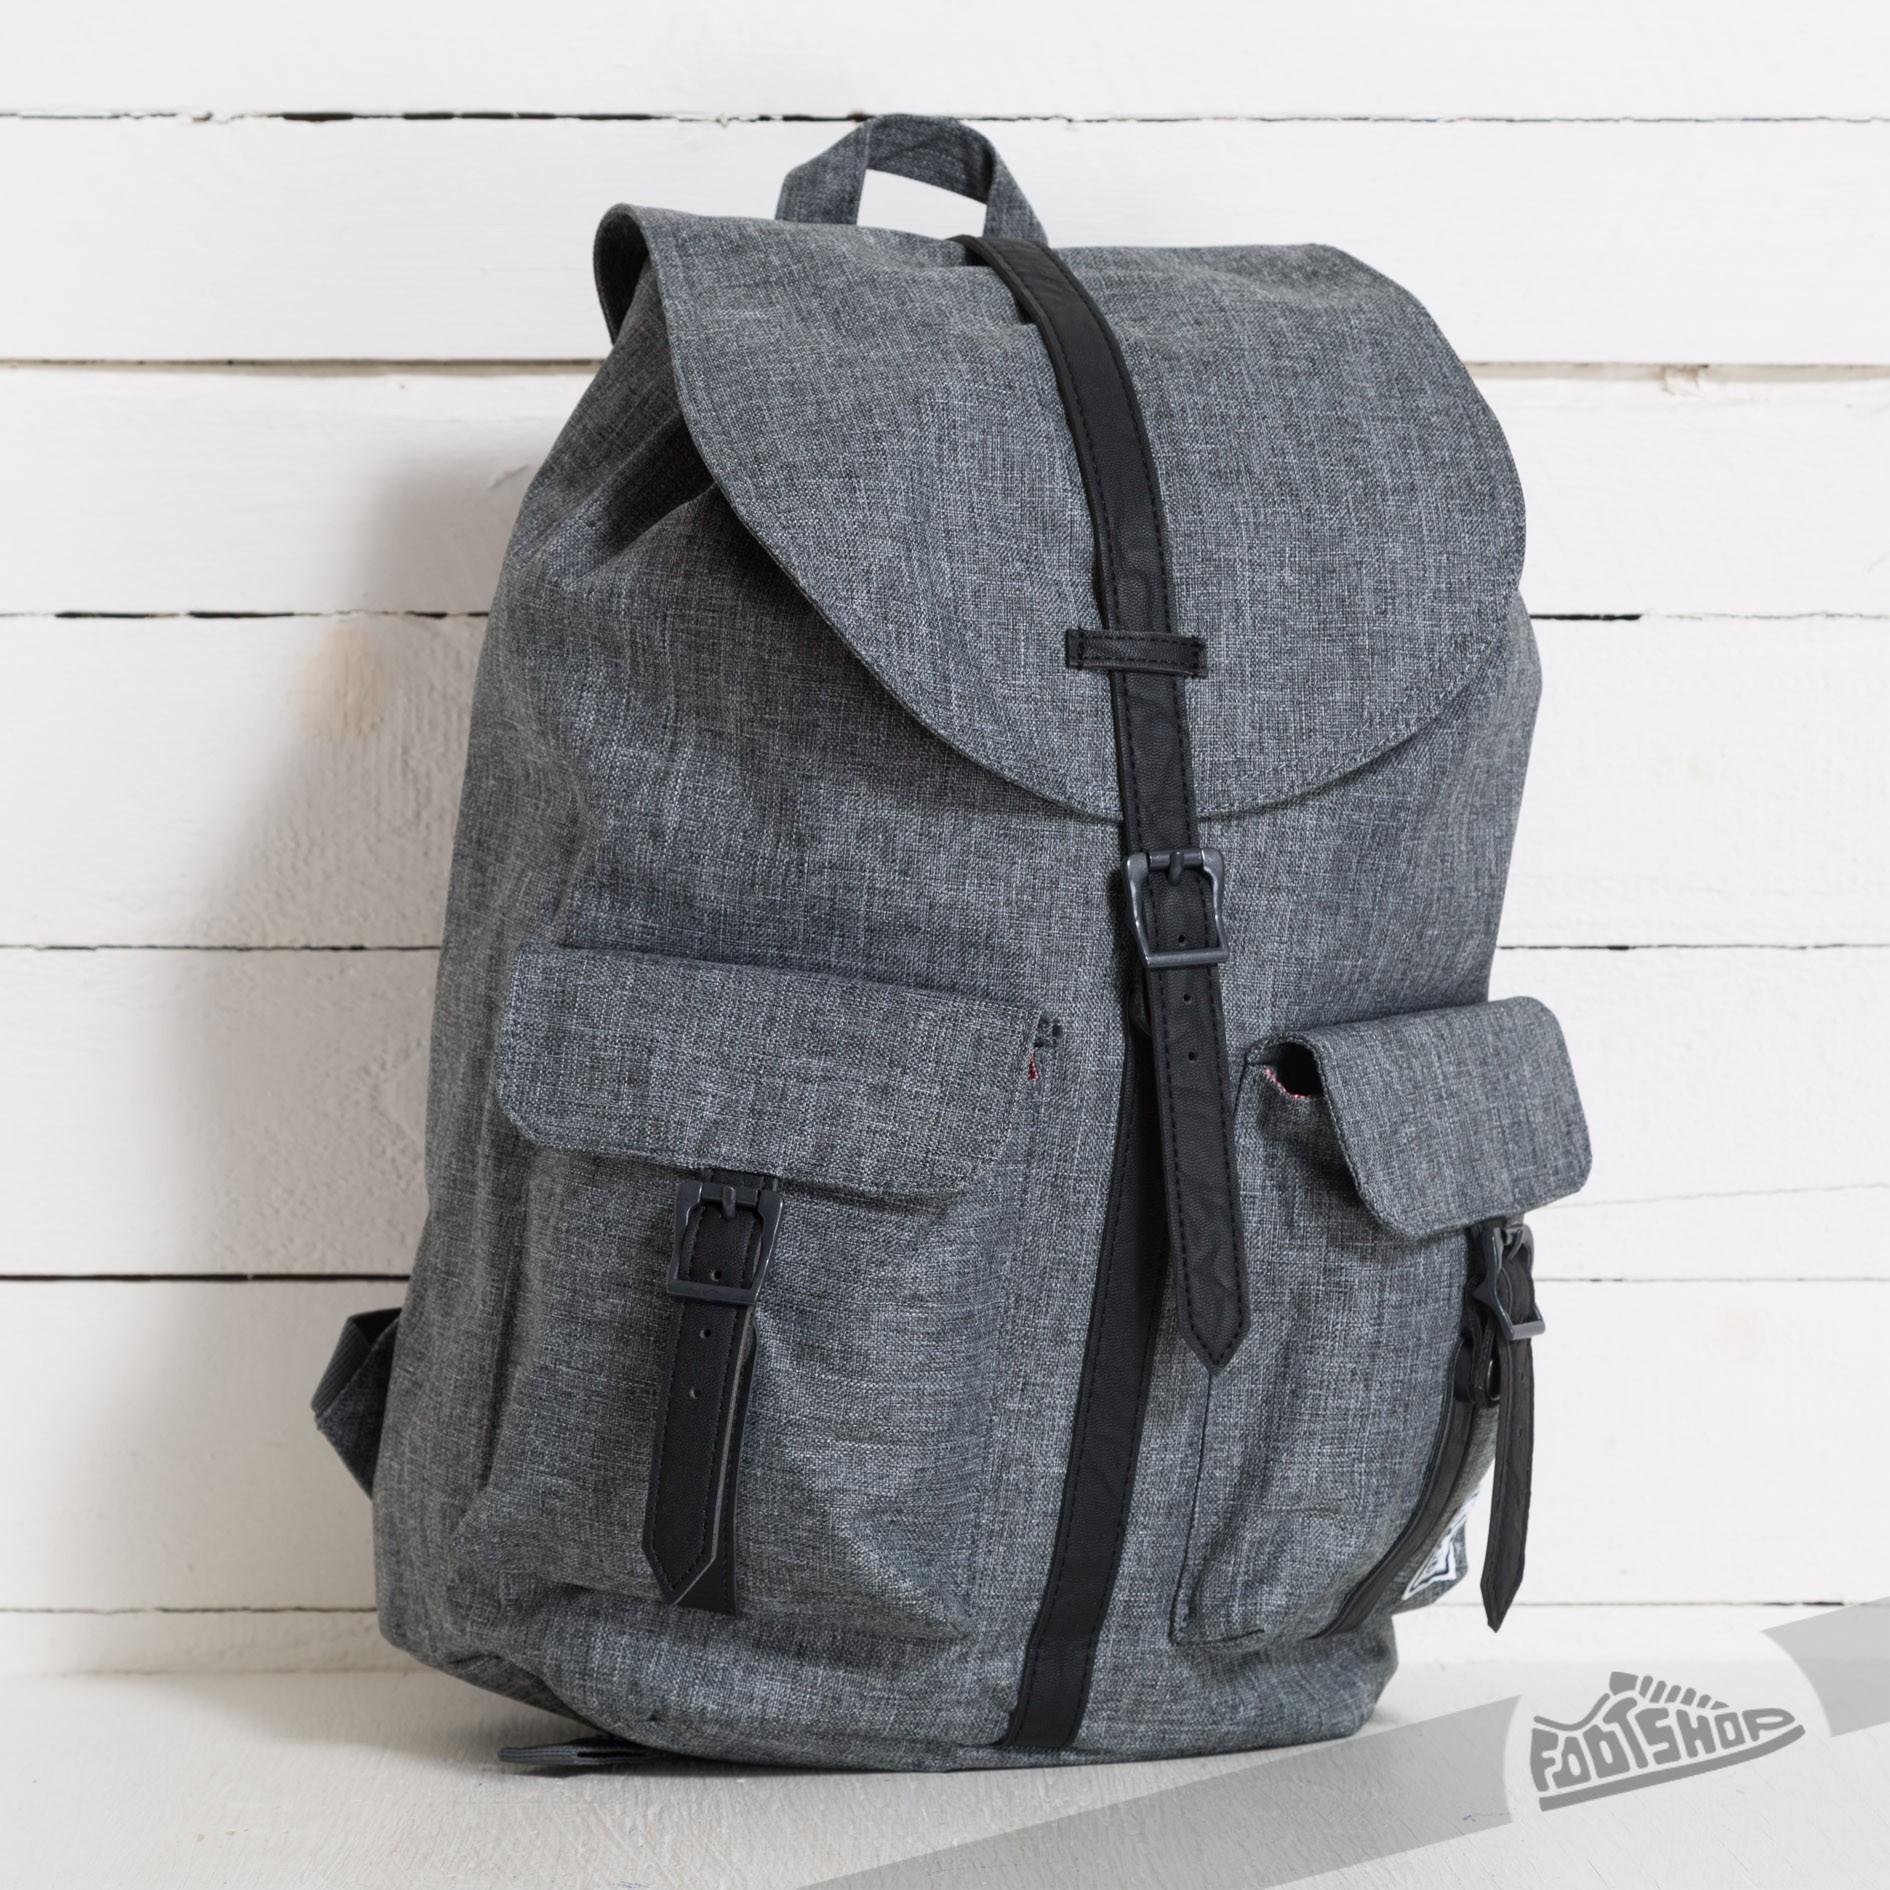 0b411464208 Herschel Supply Co. Dawson Backpack Raven Crosshatch